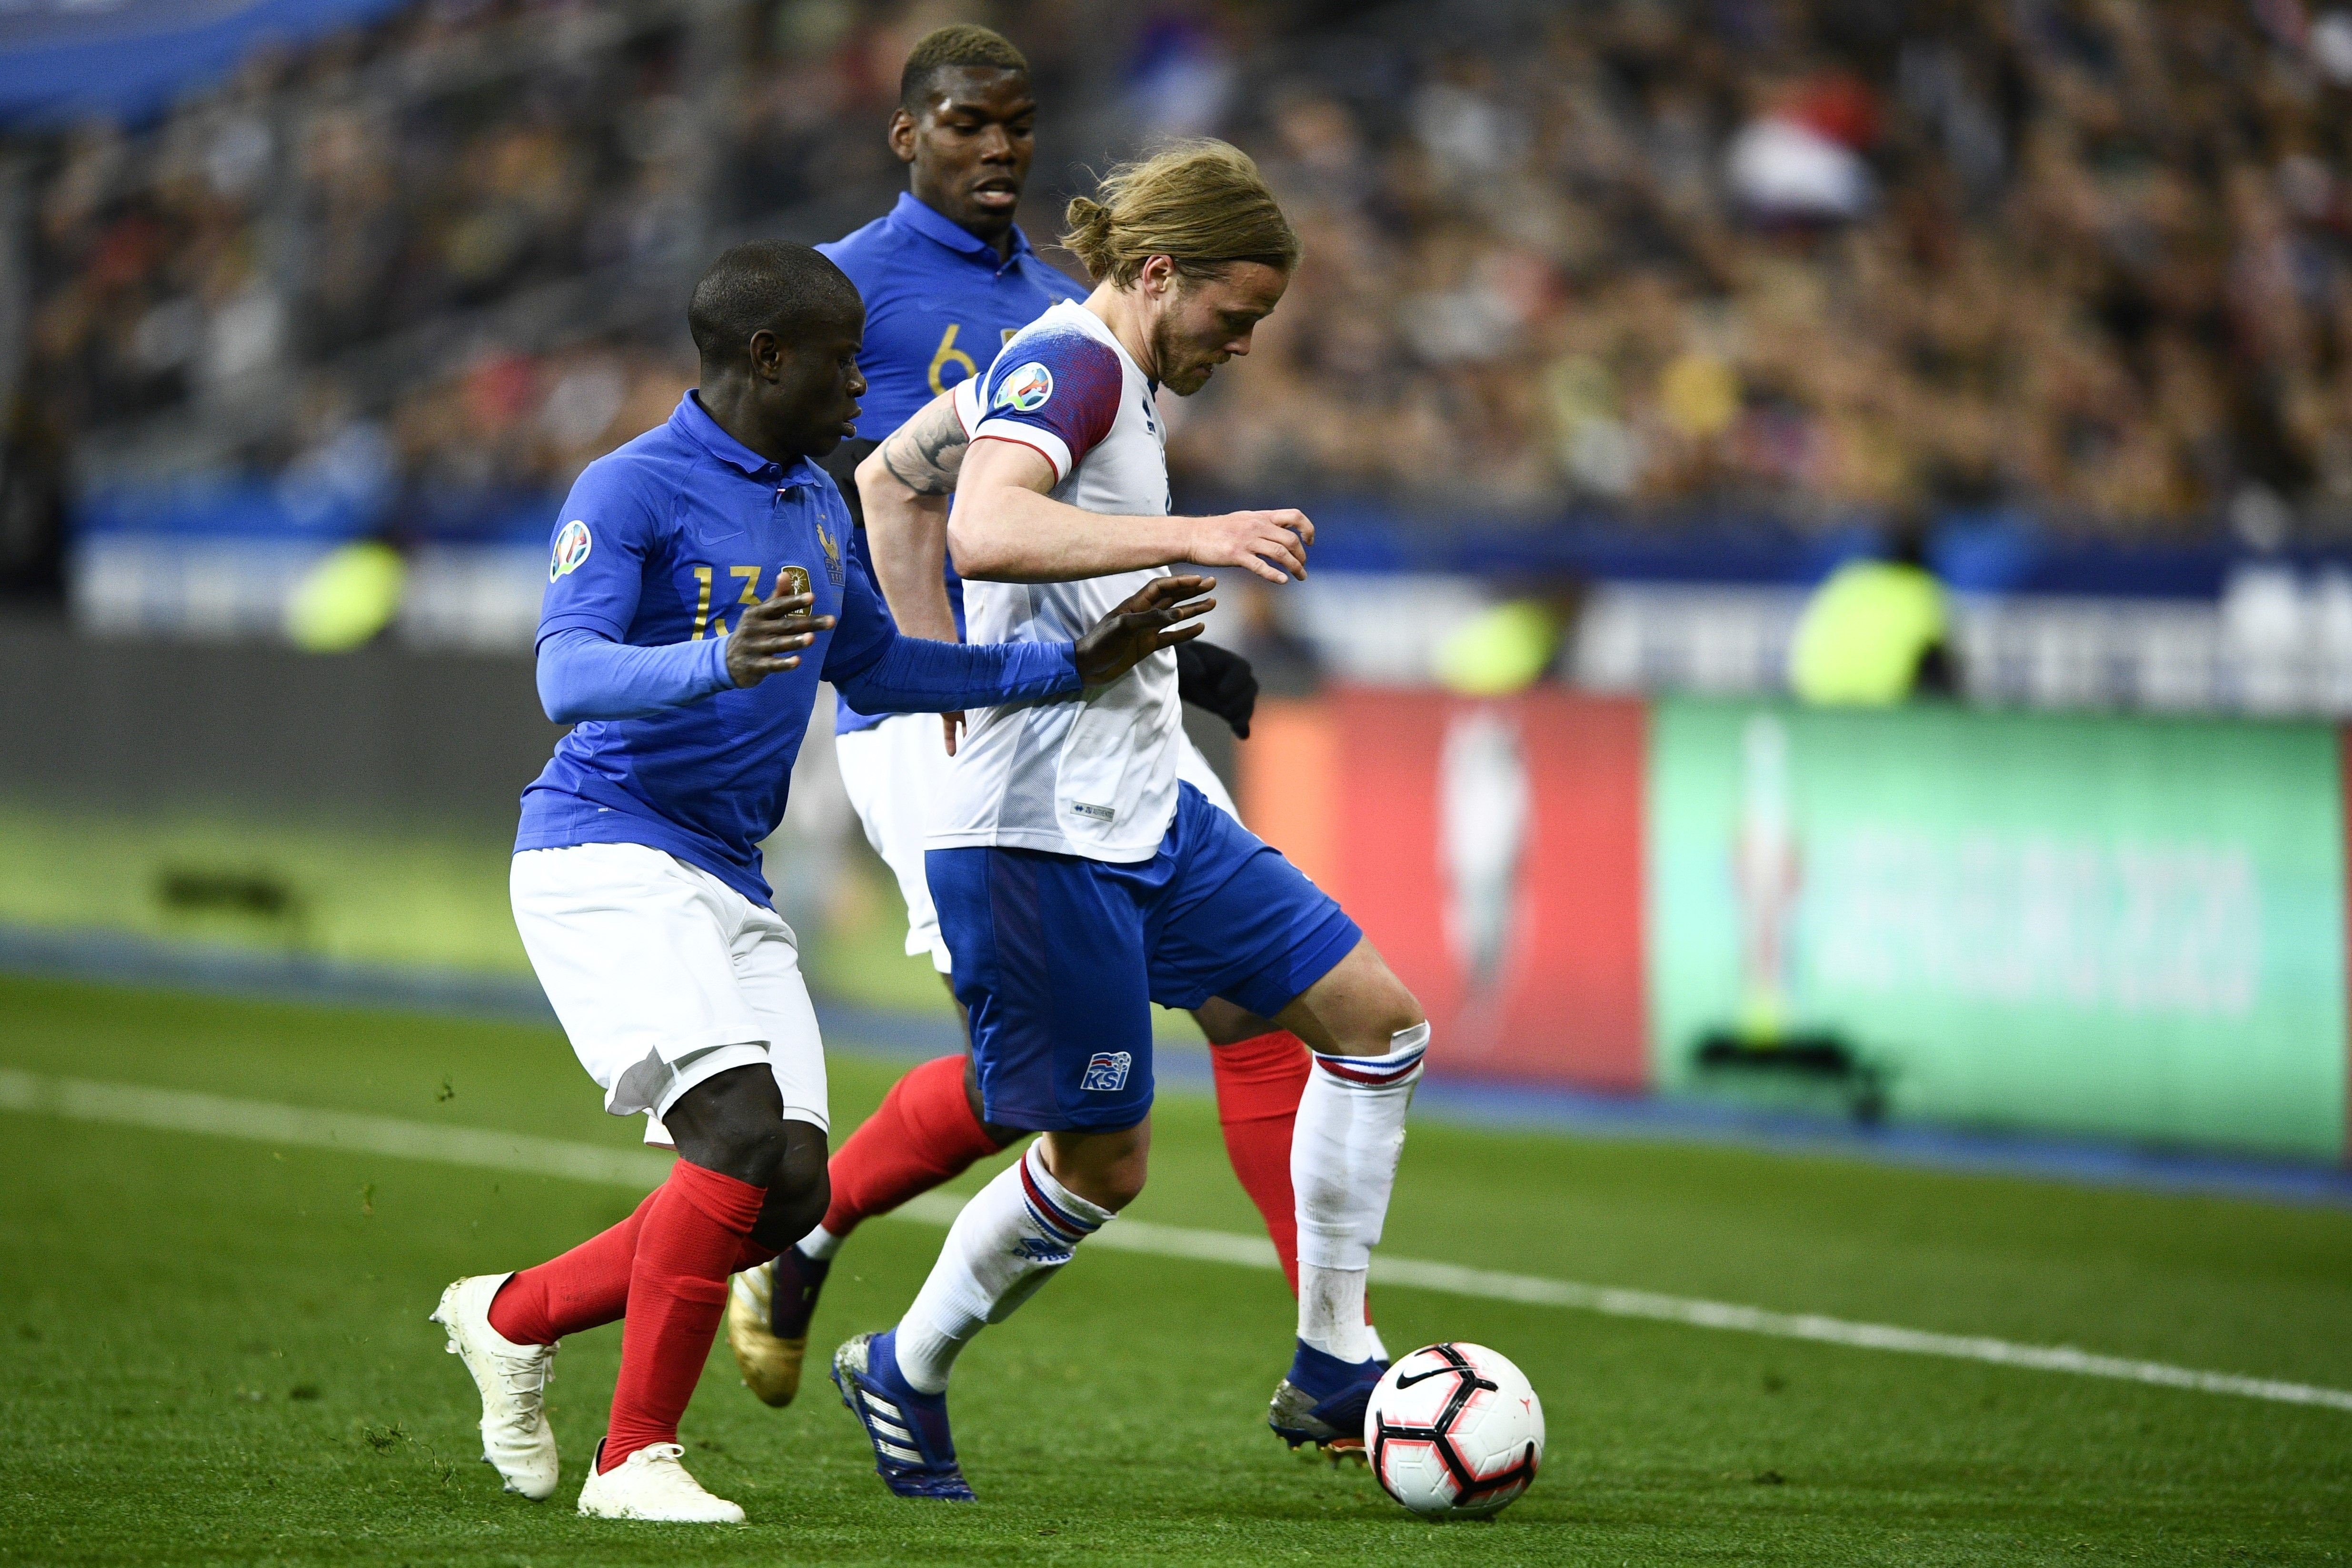 N'Golo Kanté et Paul Pogba lors de France - Islande - Qualifs Euro 2020 - 25 mars 2019